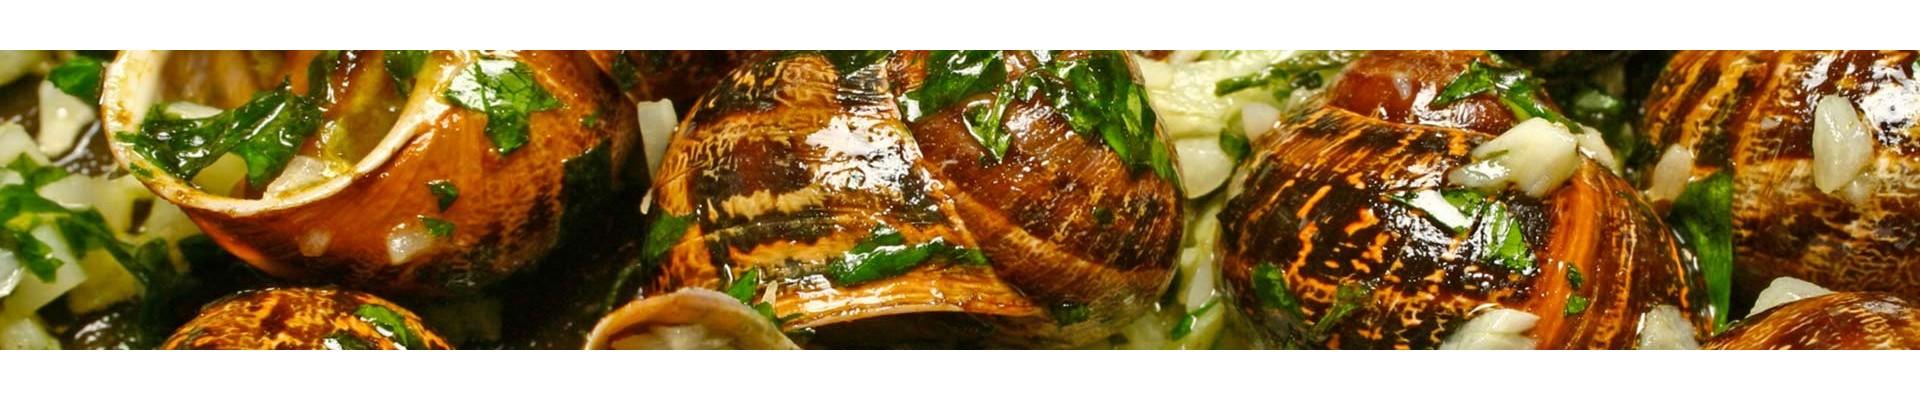 Escargots - Les produits de Provence - Escargots, Truffes, Miel - Enclave des Papes